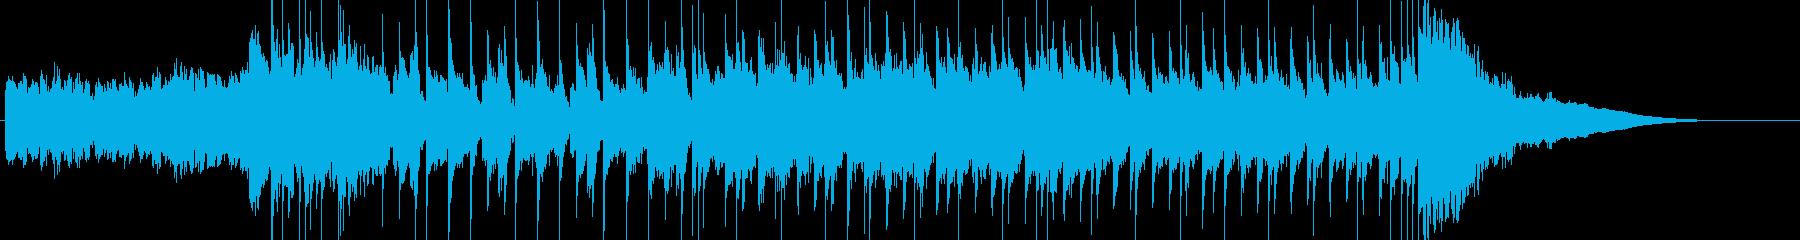 新しいスタートを予感させるBGMの再生済みの波形